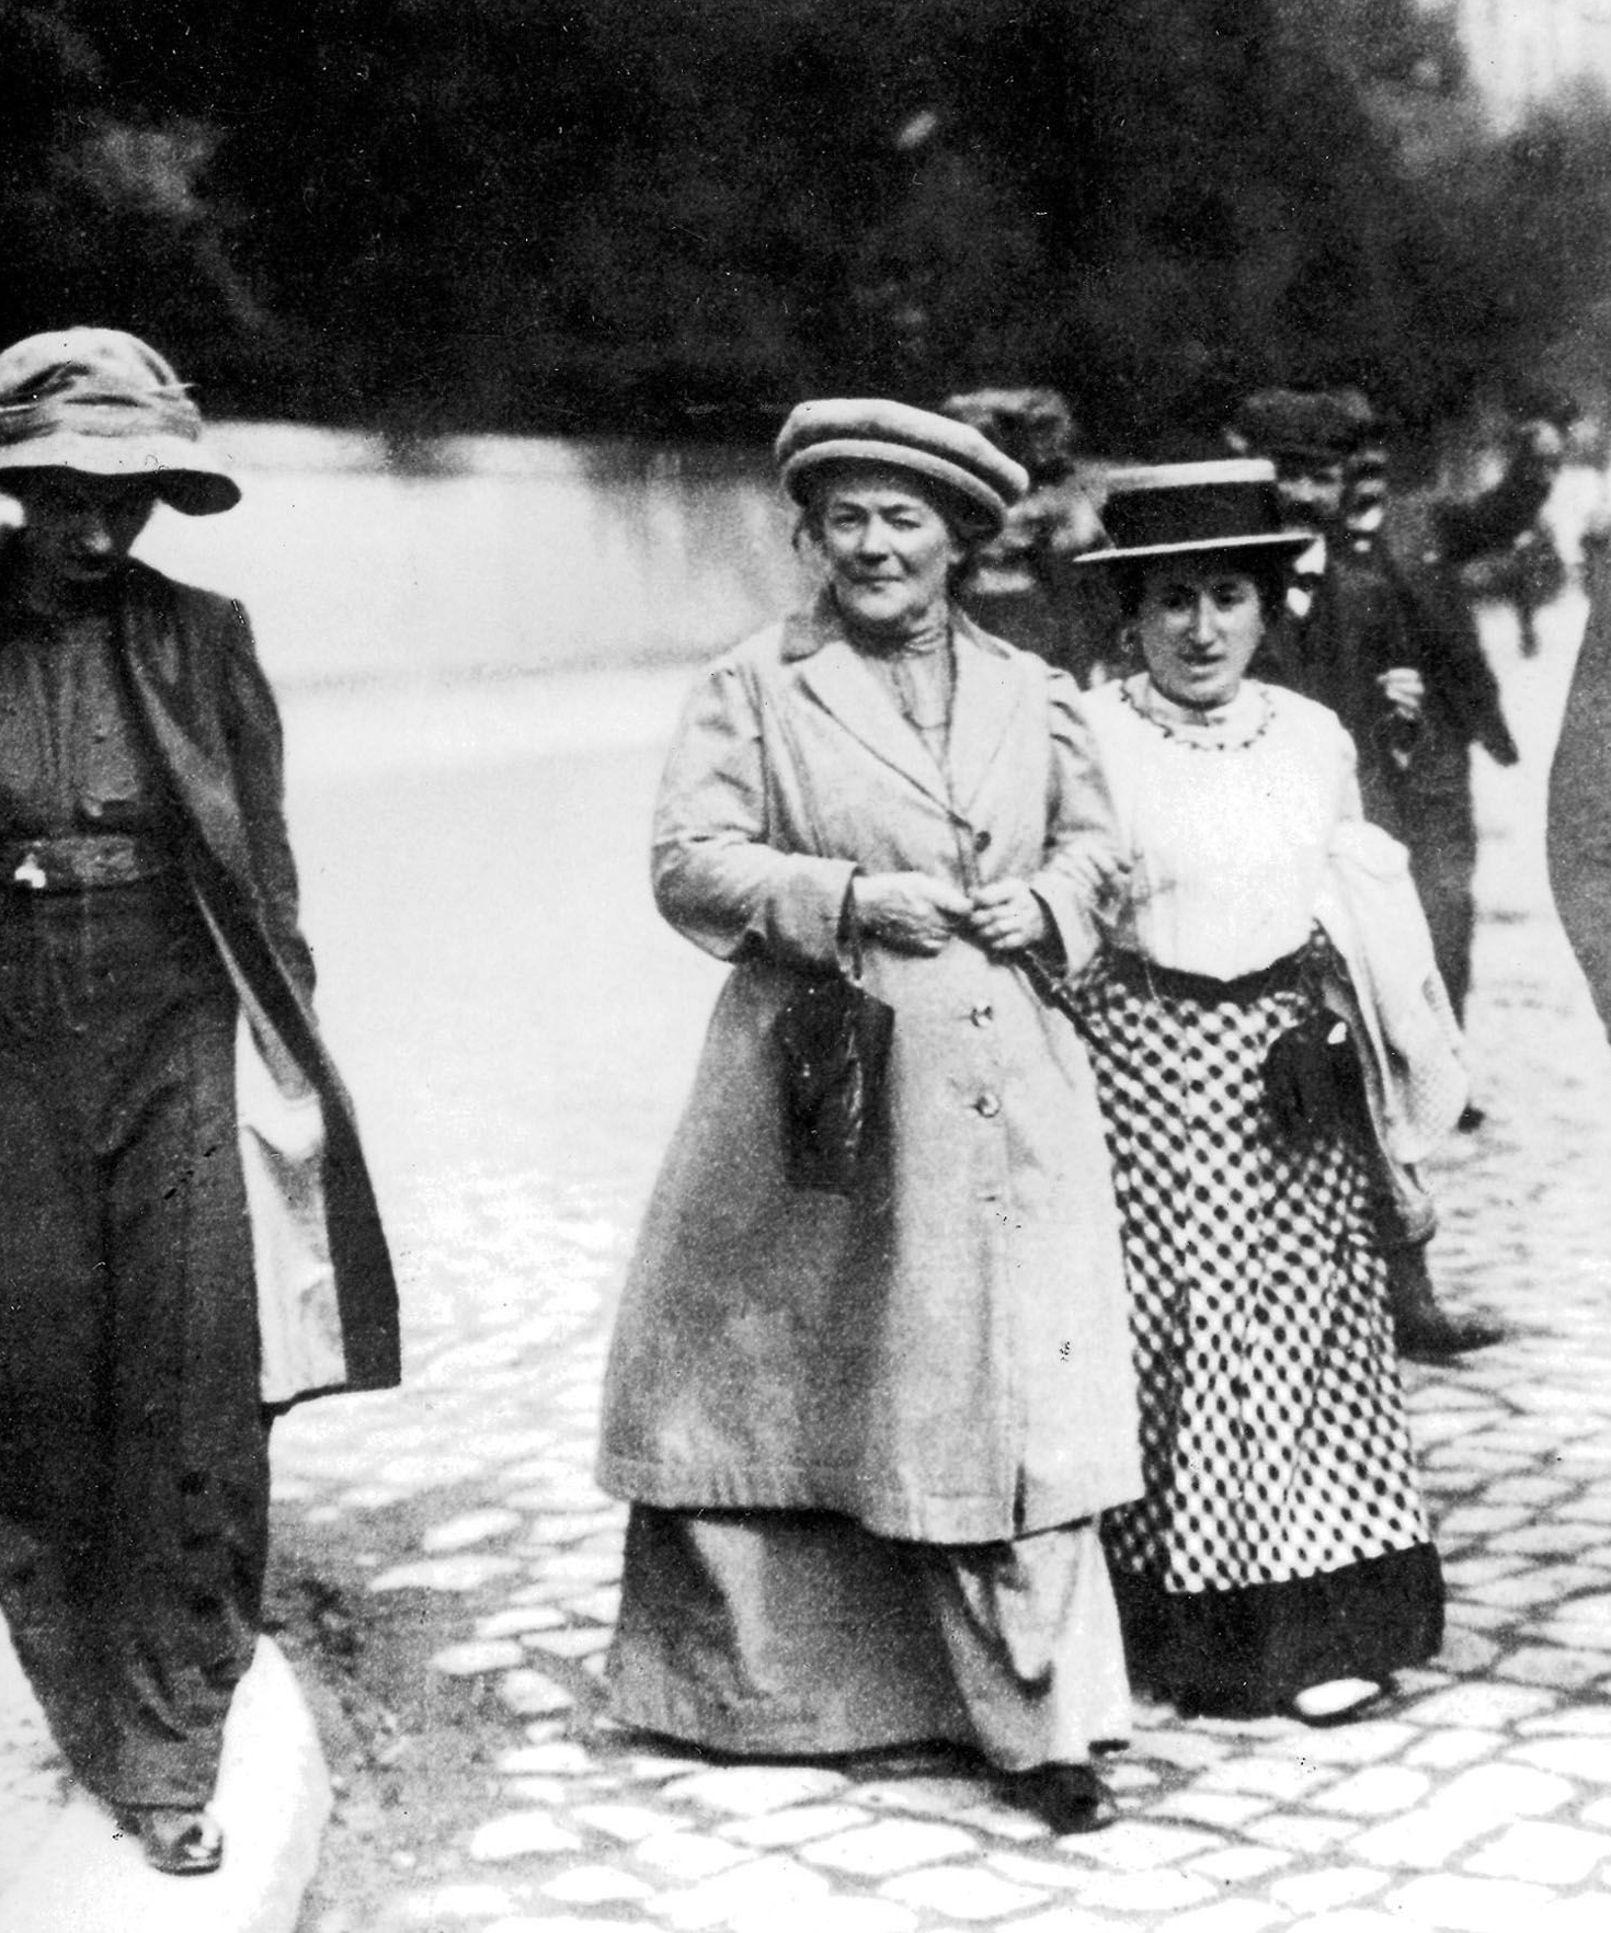 Rosa Luxemburg Icône Révolutionnaire était Assassinée Il Y A 100 Ans